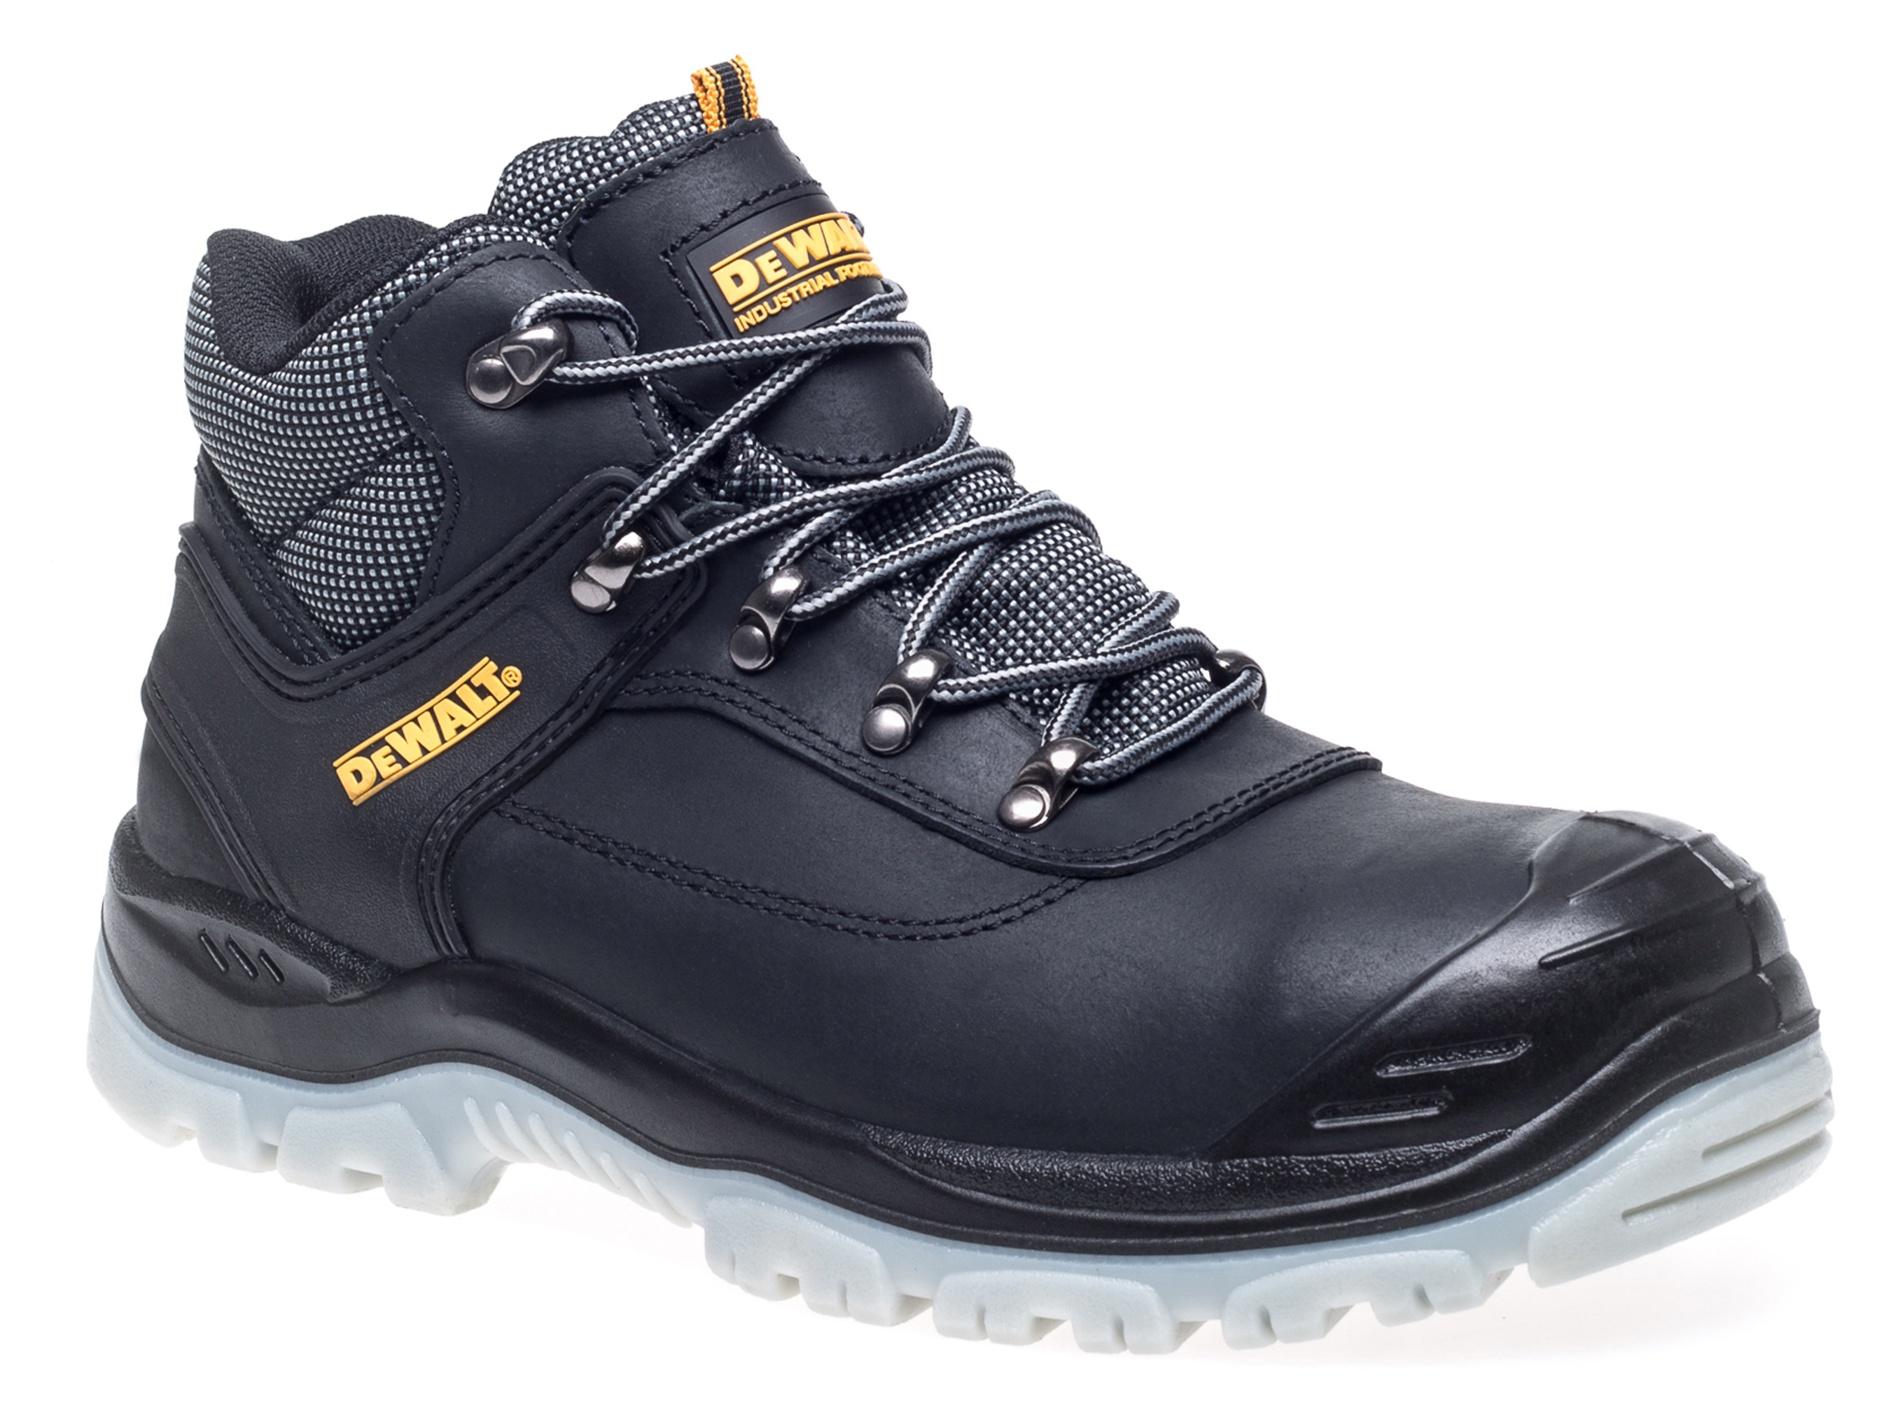 24166592282 MENS DEWALT LASER BOOTS SAFETY WORK HIKER BOOTS STEEL TOE CAPS